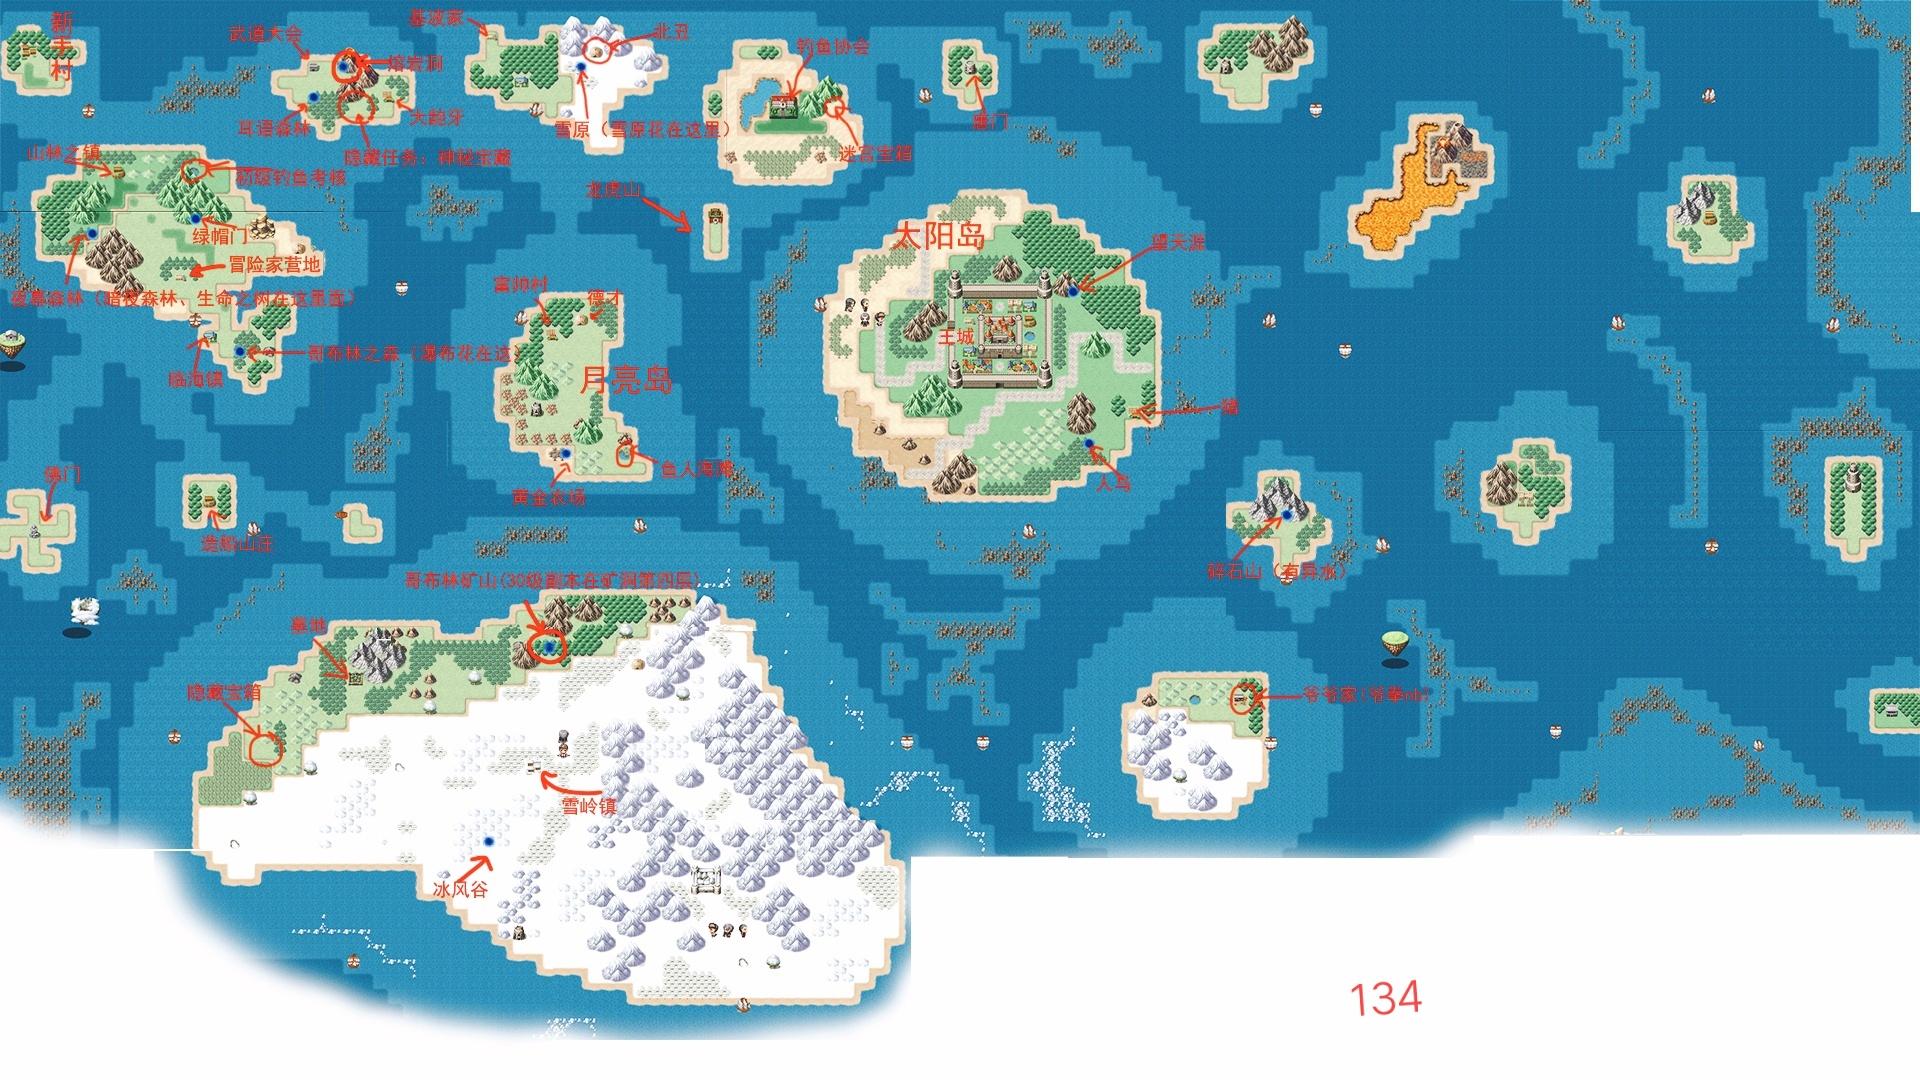 大千世界月亮岛在哪里 大千世界地图一览